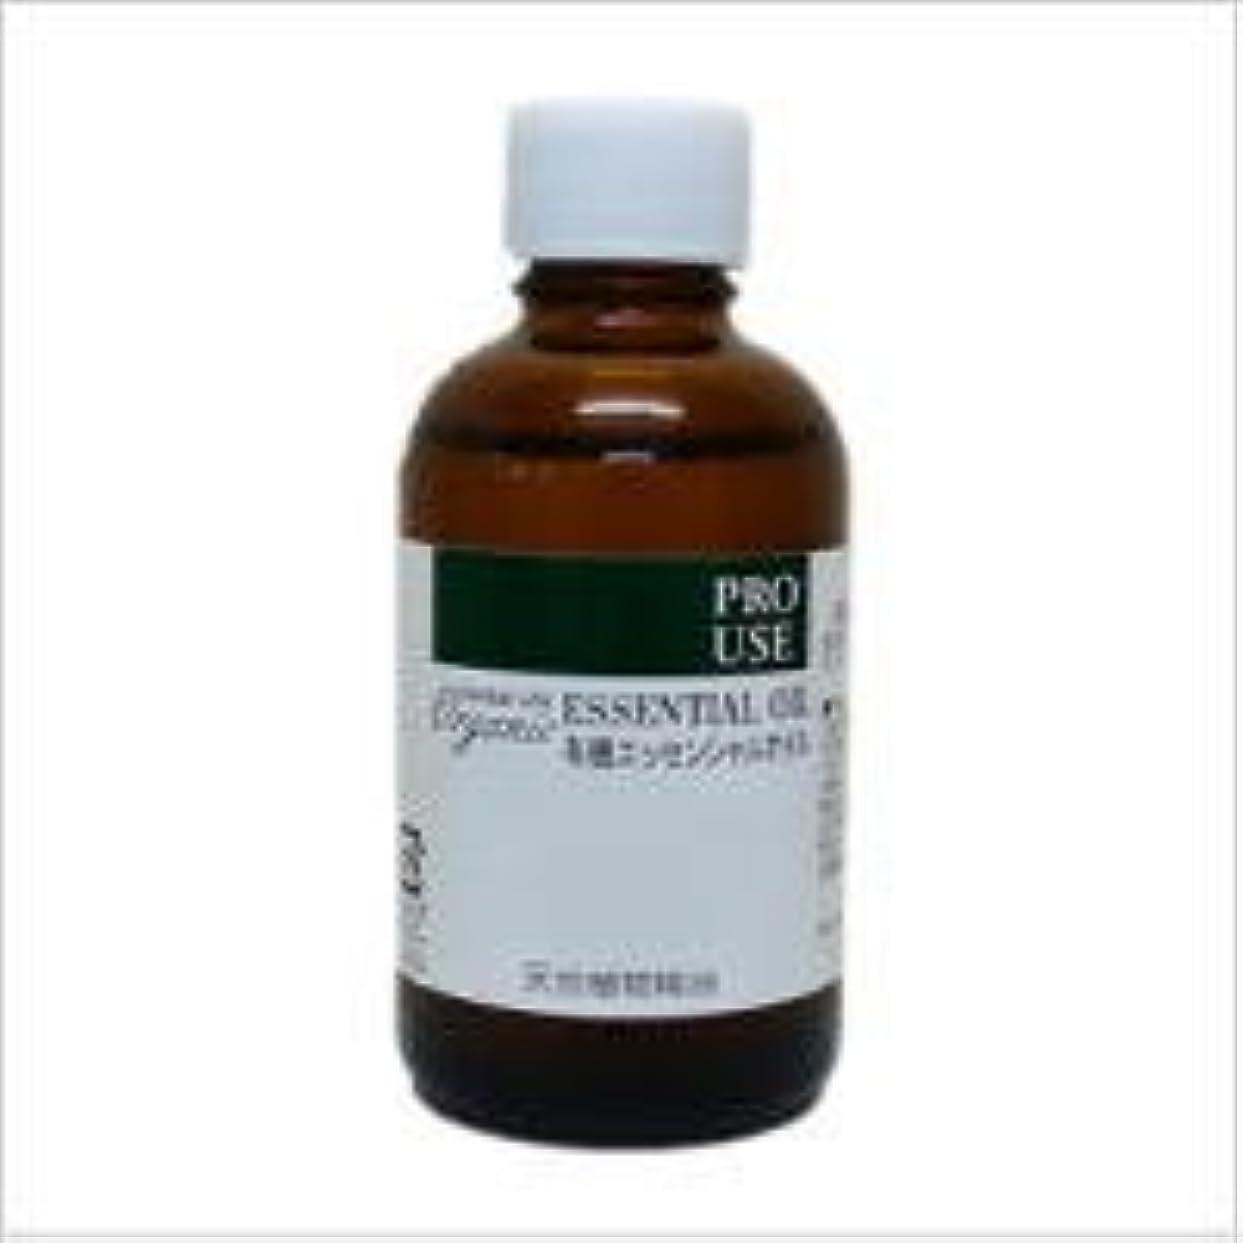 雑種スティーブンソン細胞生活の木 有機ペパーミント 50ml エッセンシャルオイル/精油/オーガニック